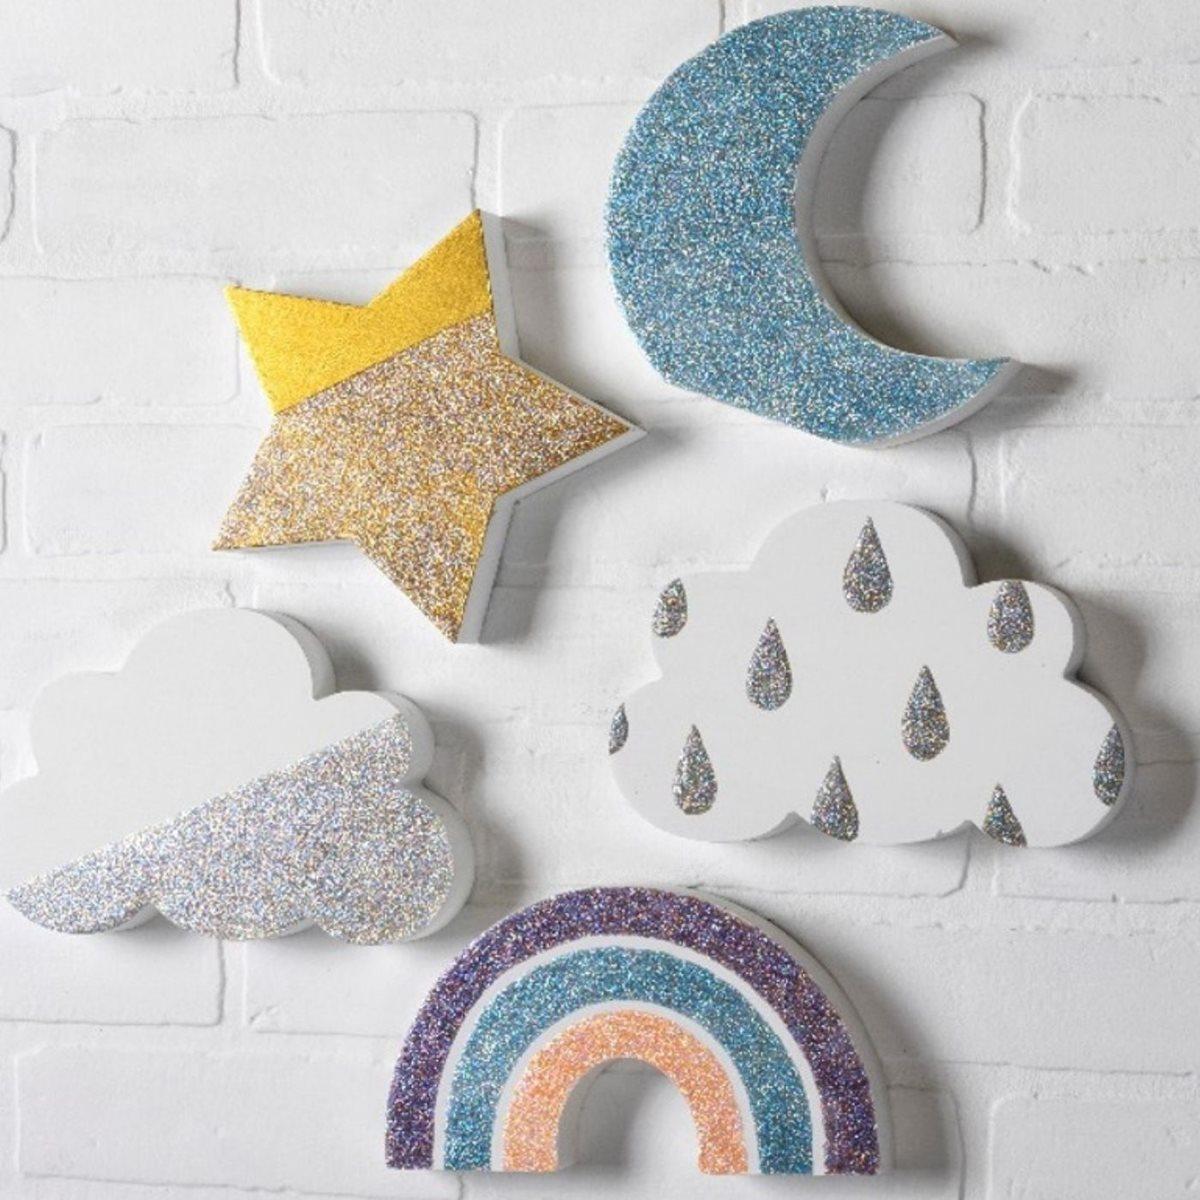 FolkArt Glitterific Fine Star, Moon, and Clouds